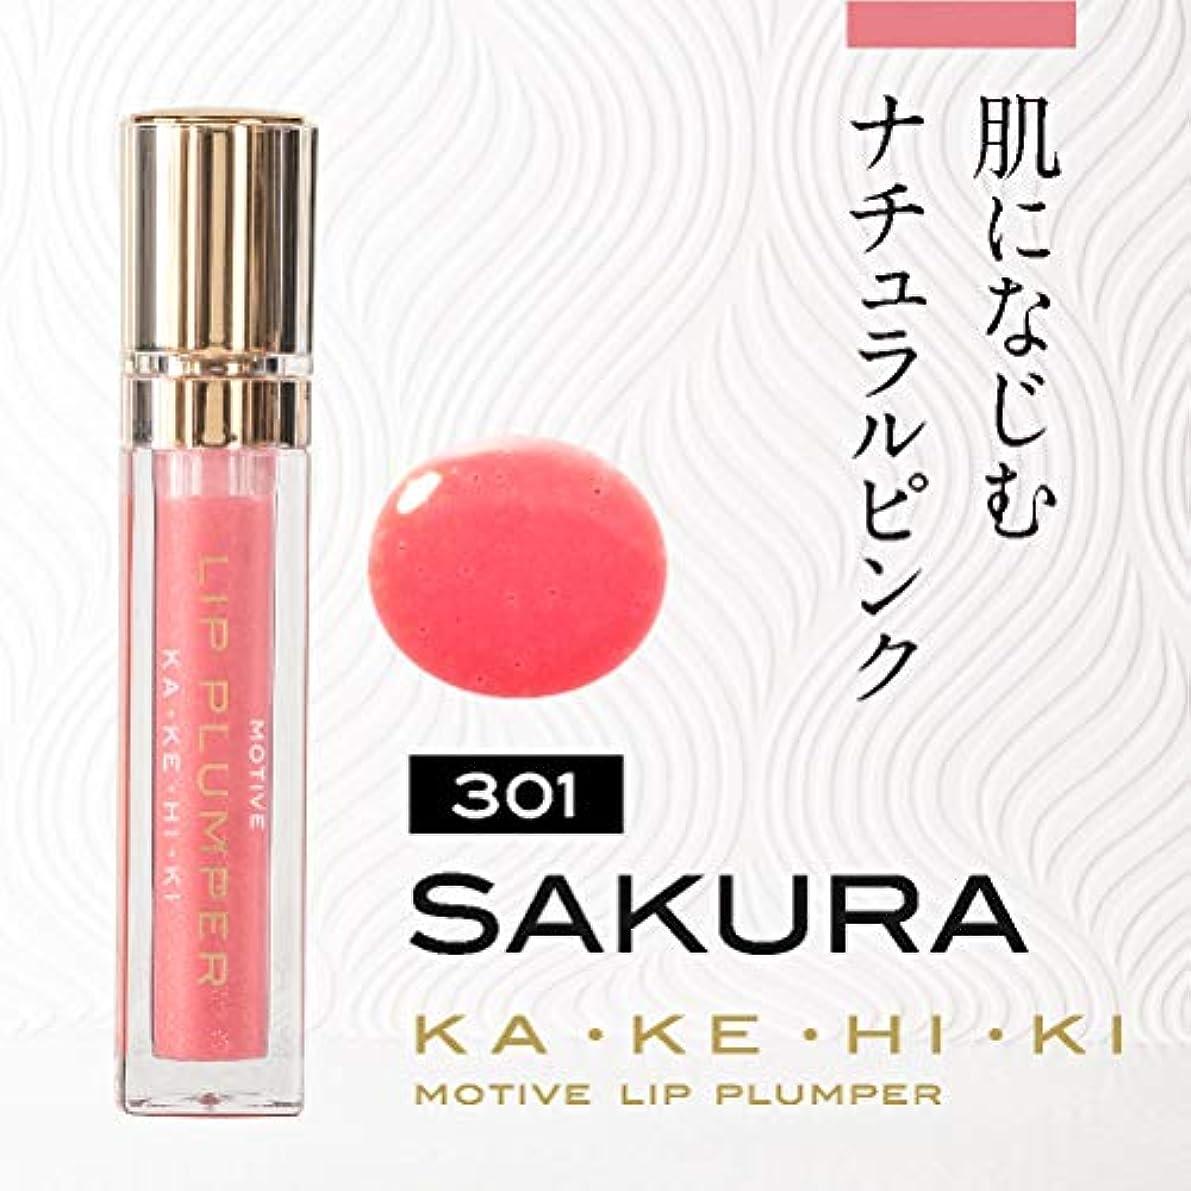 意外共役ドットKAKEHIKI モティブ リッププランパー (301 SAKURA ピンク)